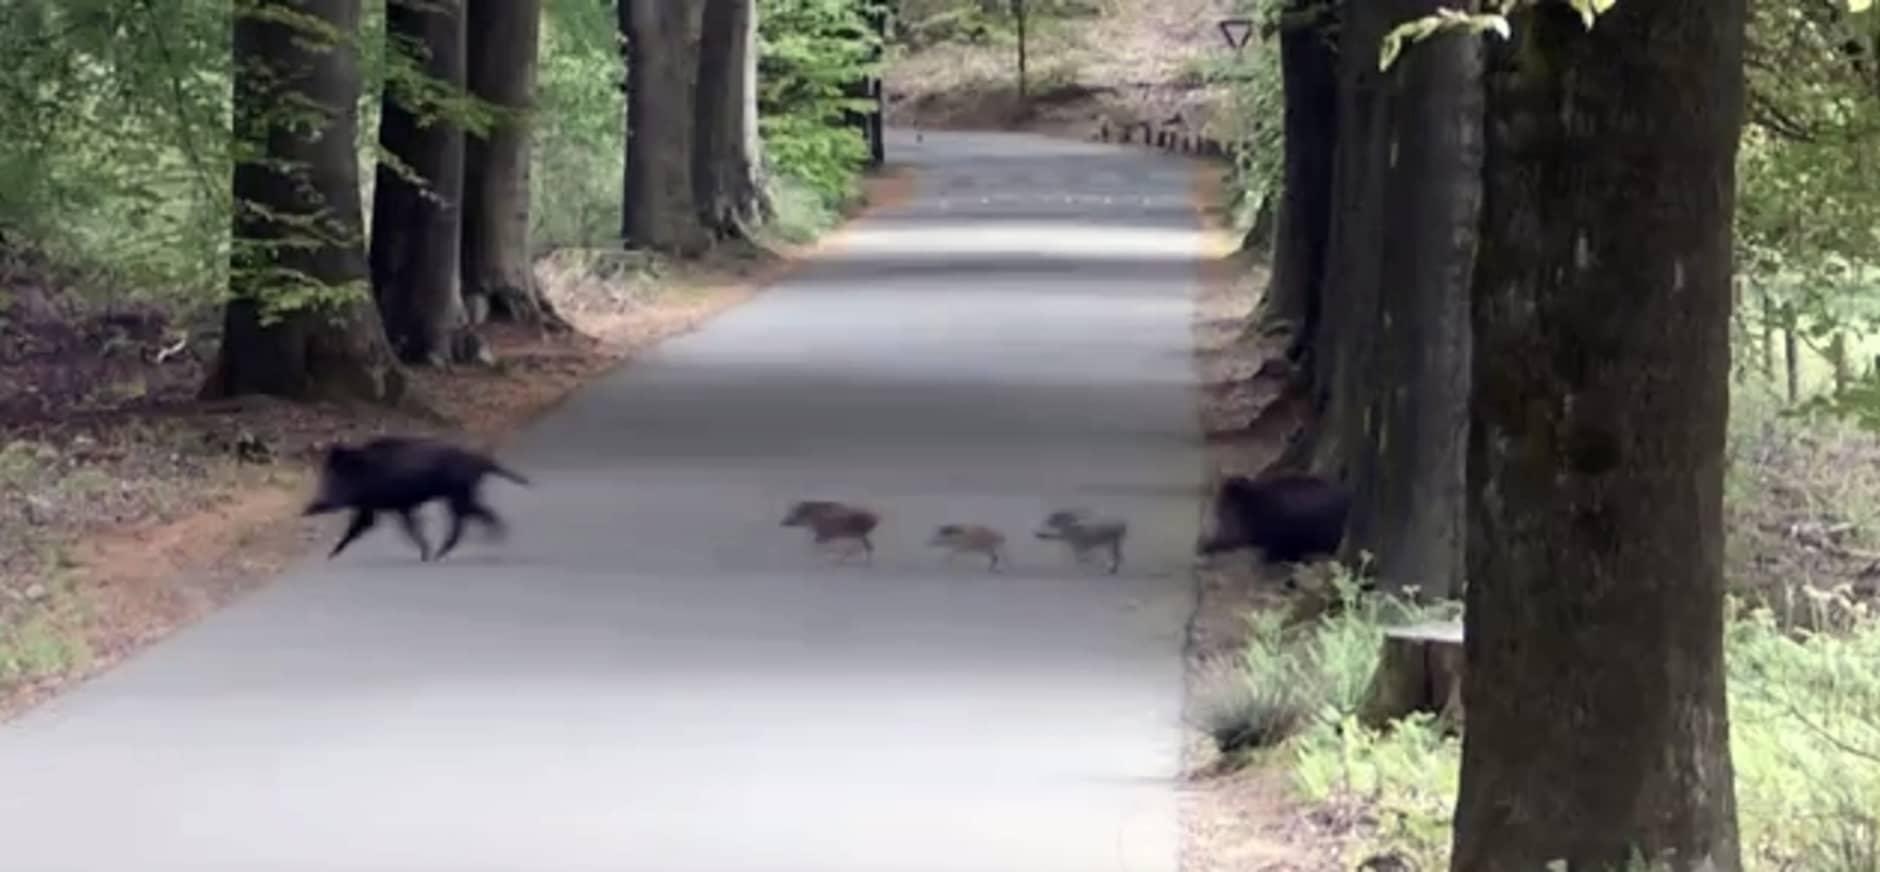 Wilde zwijnen steken over – bekijk het filmpje